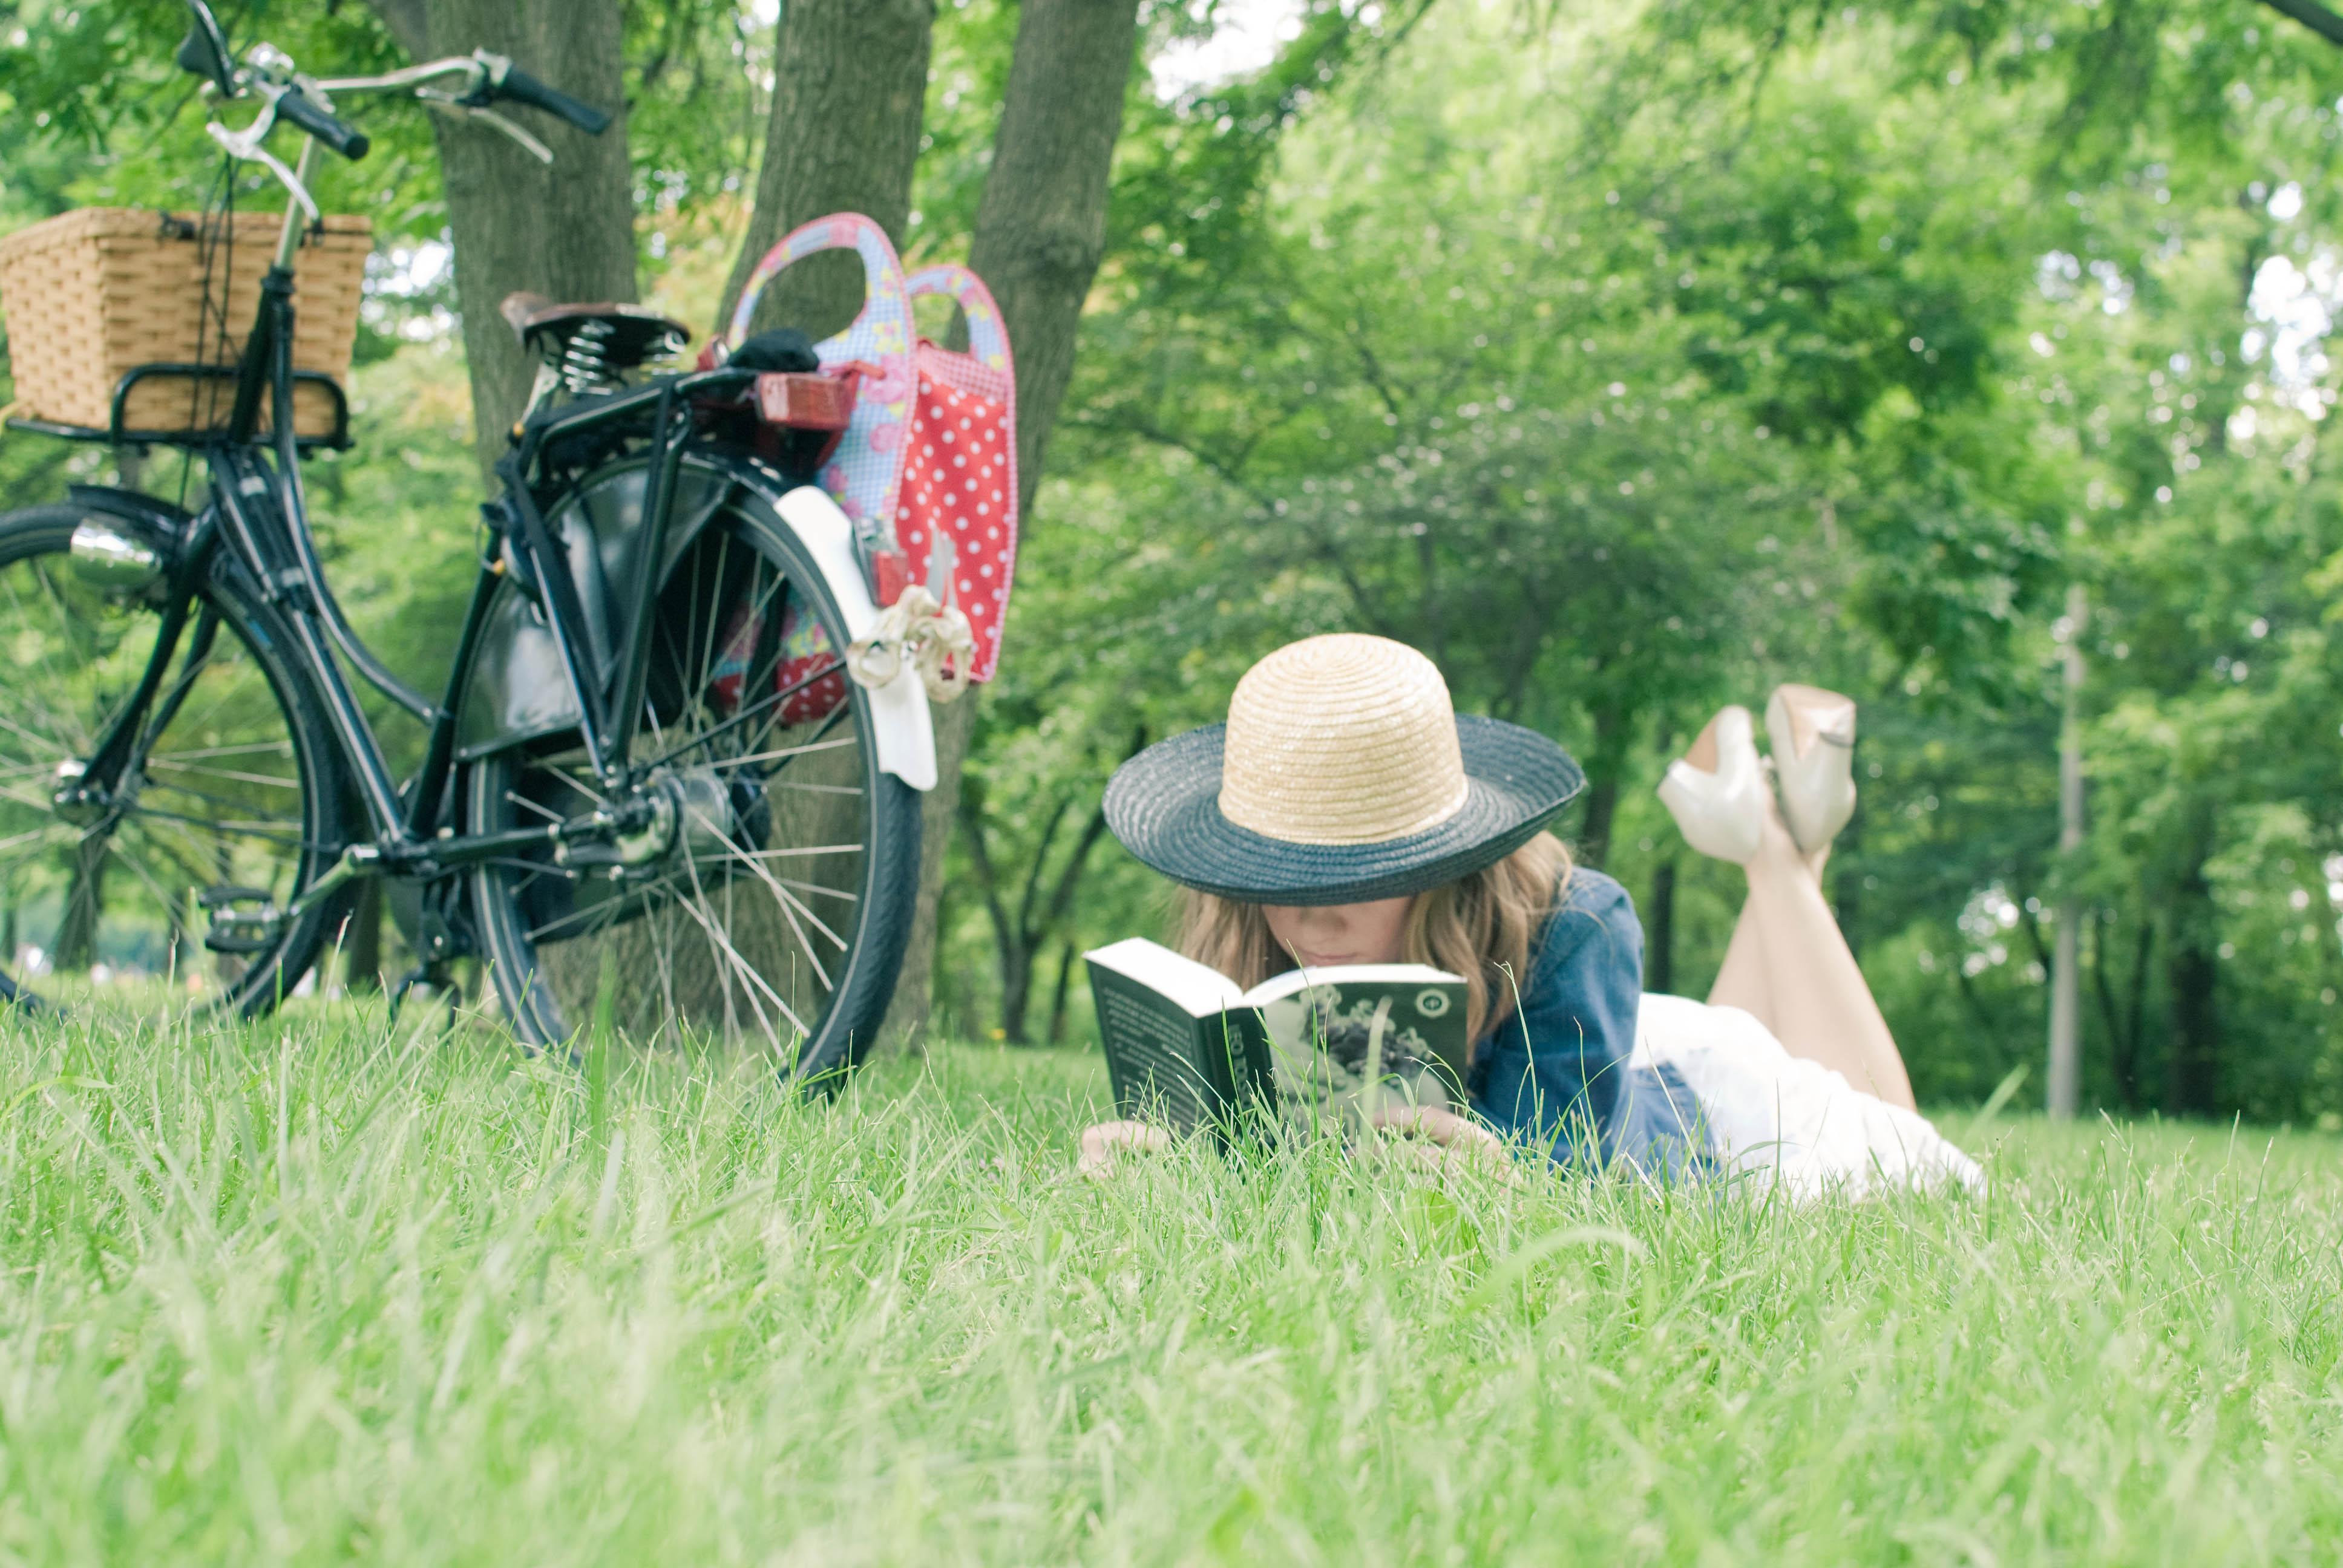 könyv, nyár, nyaralás, olvasás, pihenés